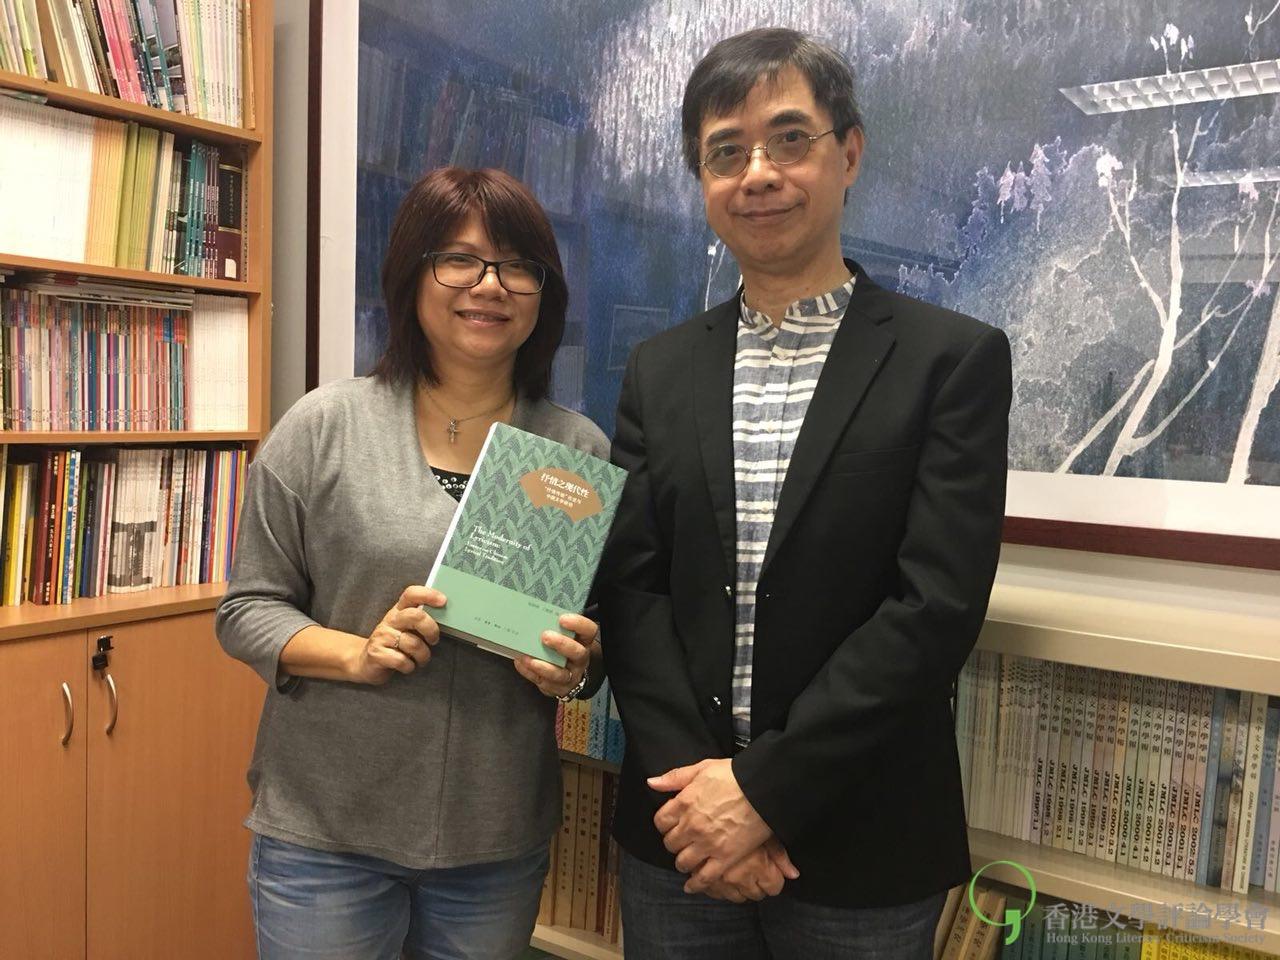 陳國球教授與王德威教授編著《抒情之現代性》一書,訪談中與吳美筠博士提及此書。